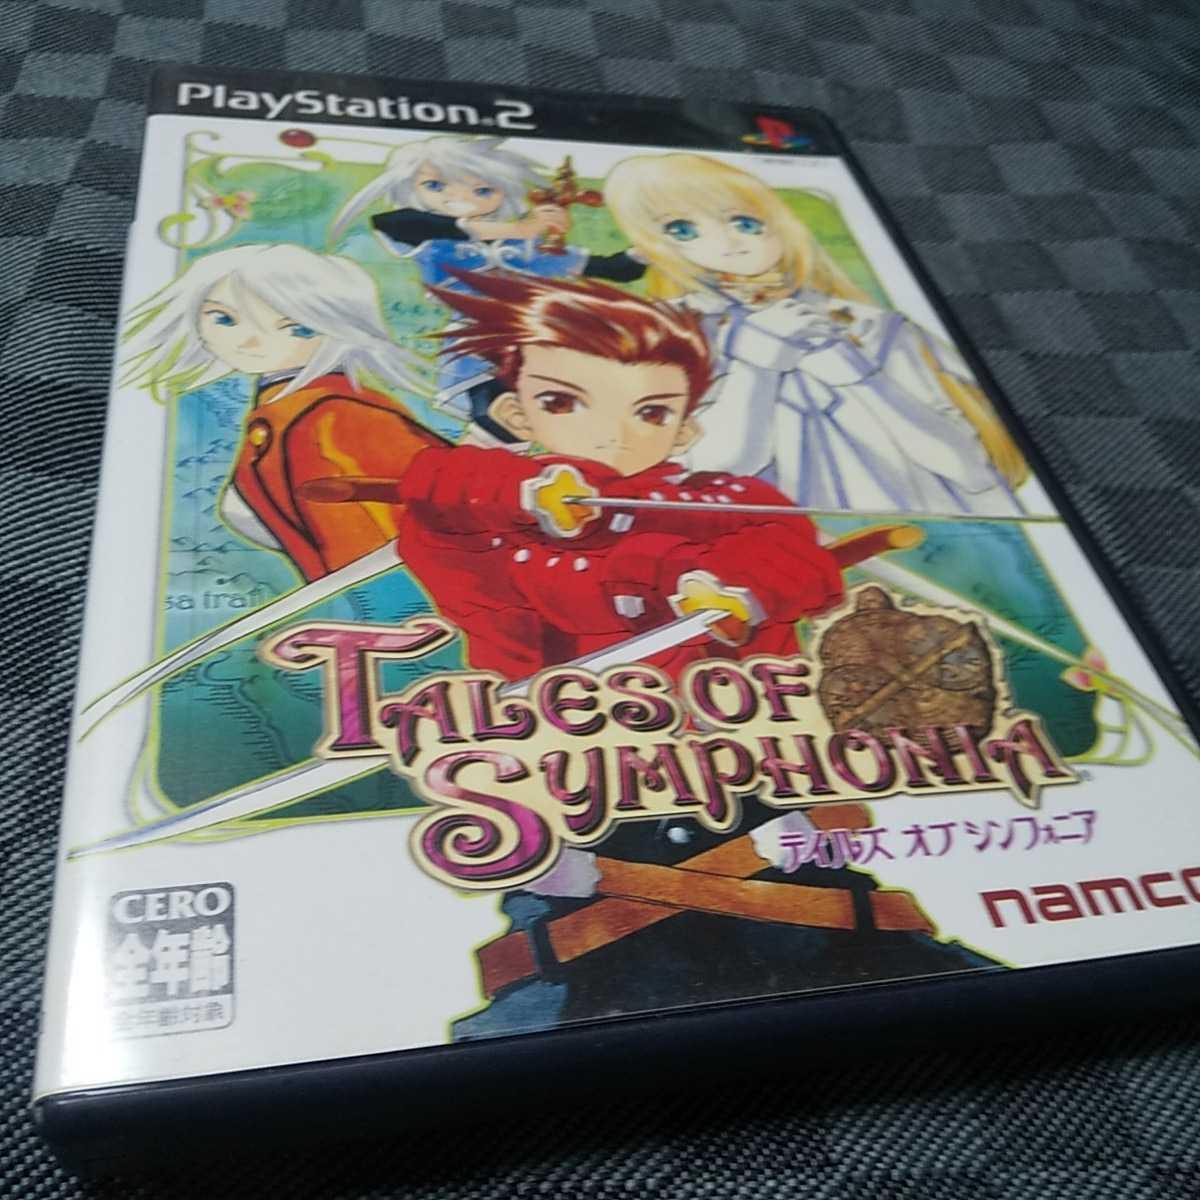 PS2【テイルズオブシンフォニア】2004年ナムコ [送料無料]返金保証あり